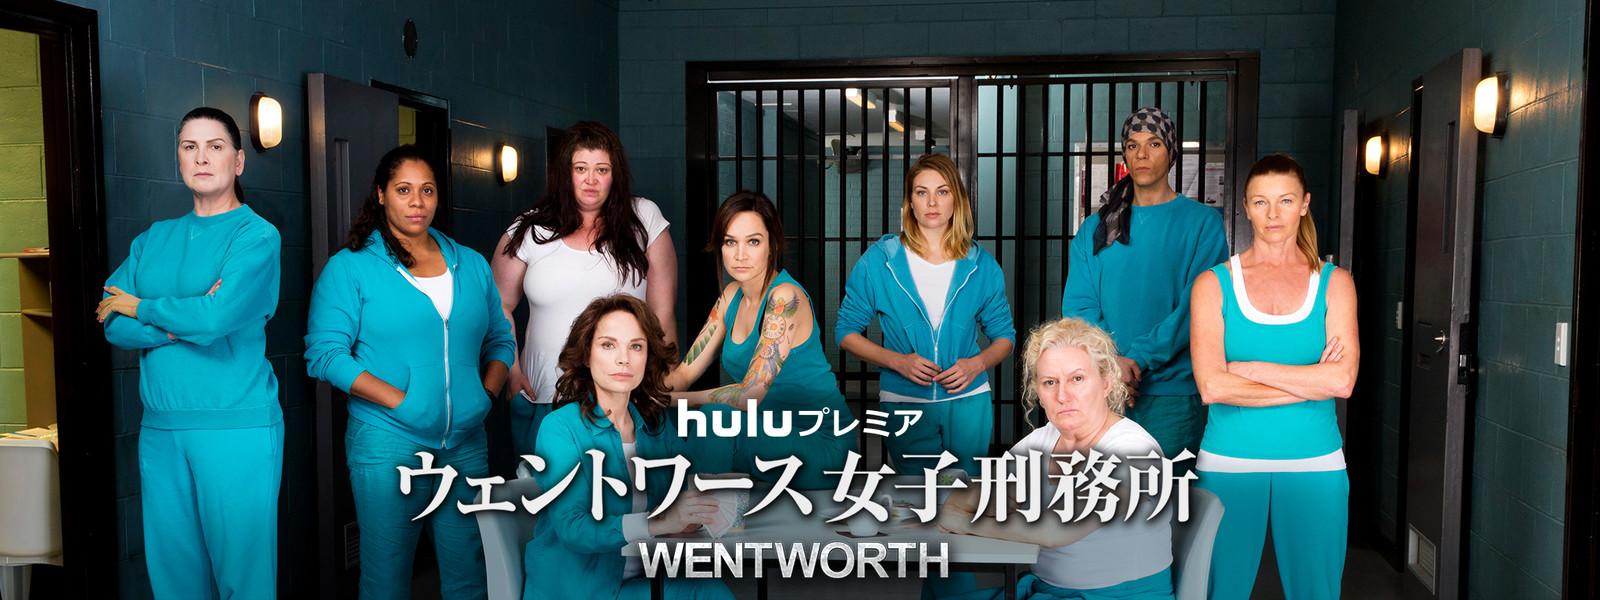 ウェストワース女子刑務所